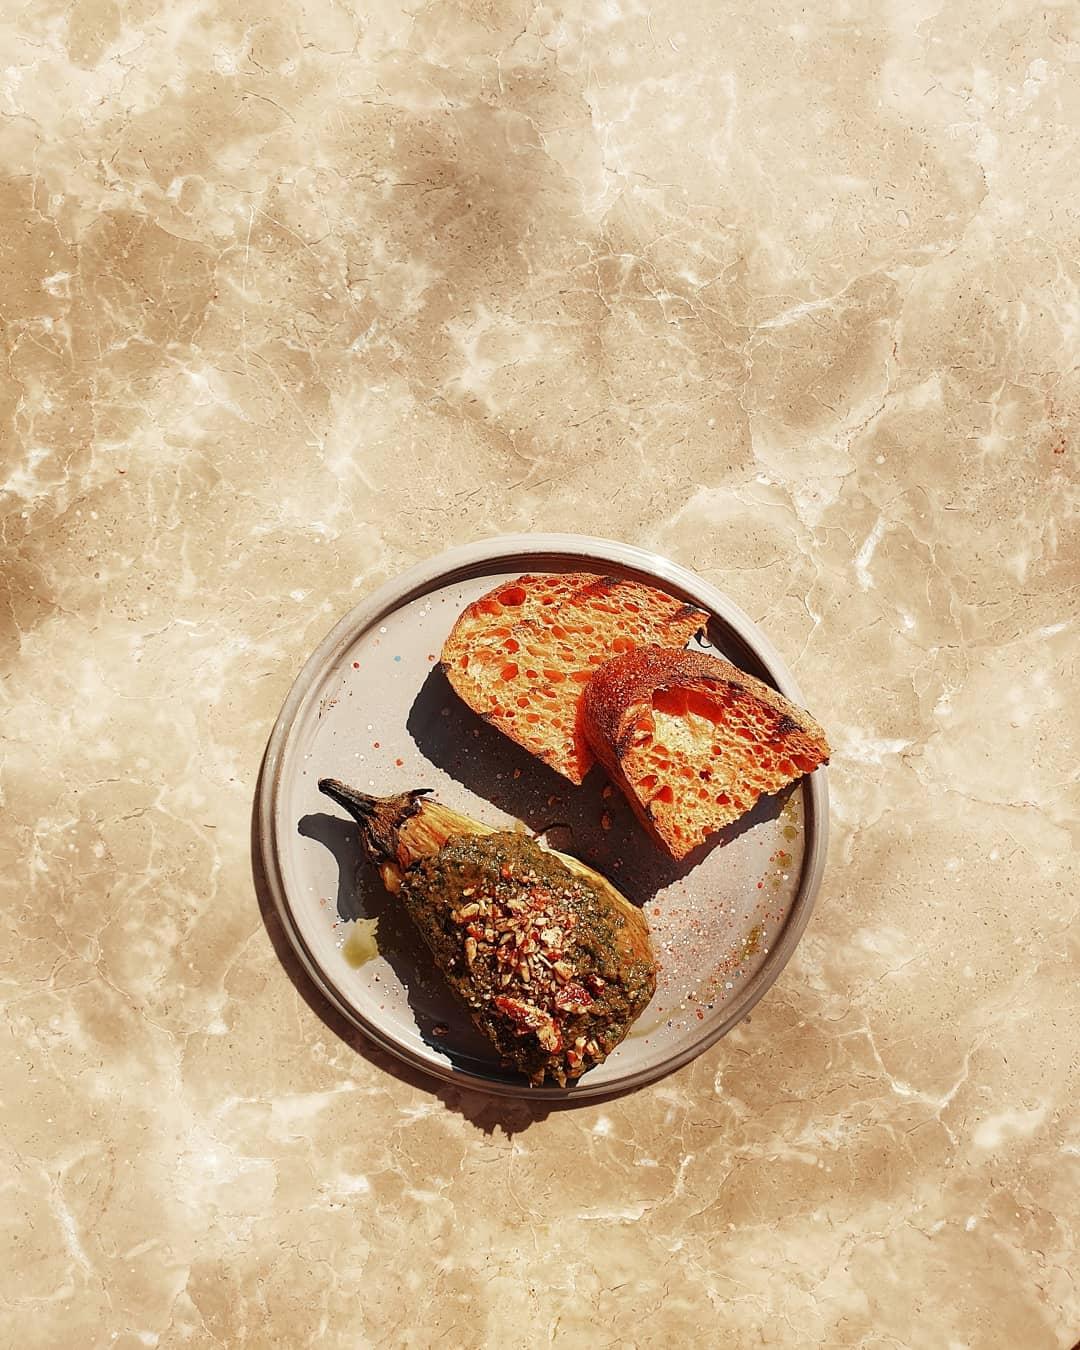 Баклажан с сальной верде и орехом пекан в ресторане Blanc